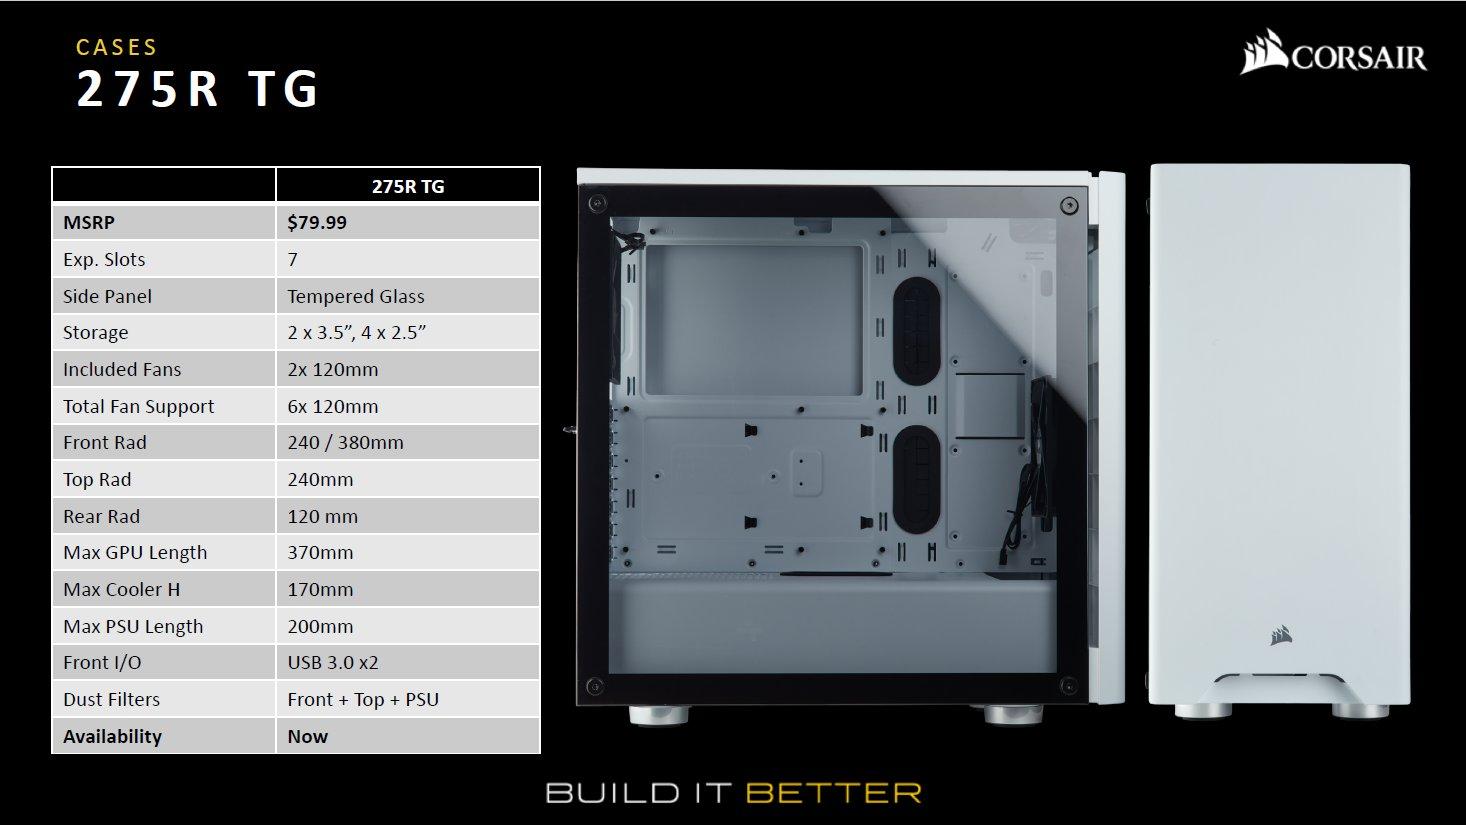 PCケース「275R TG」。日本ではガラスパネルのみの取り扱いで、ブラックは4月下旬から5月上旬発売予定、ホワイトは4月21日発売予定。価格は14,040円(税込)